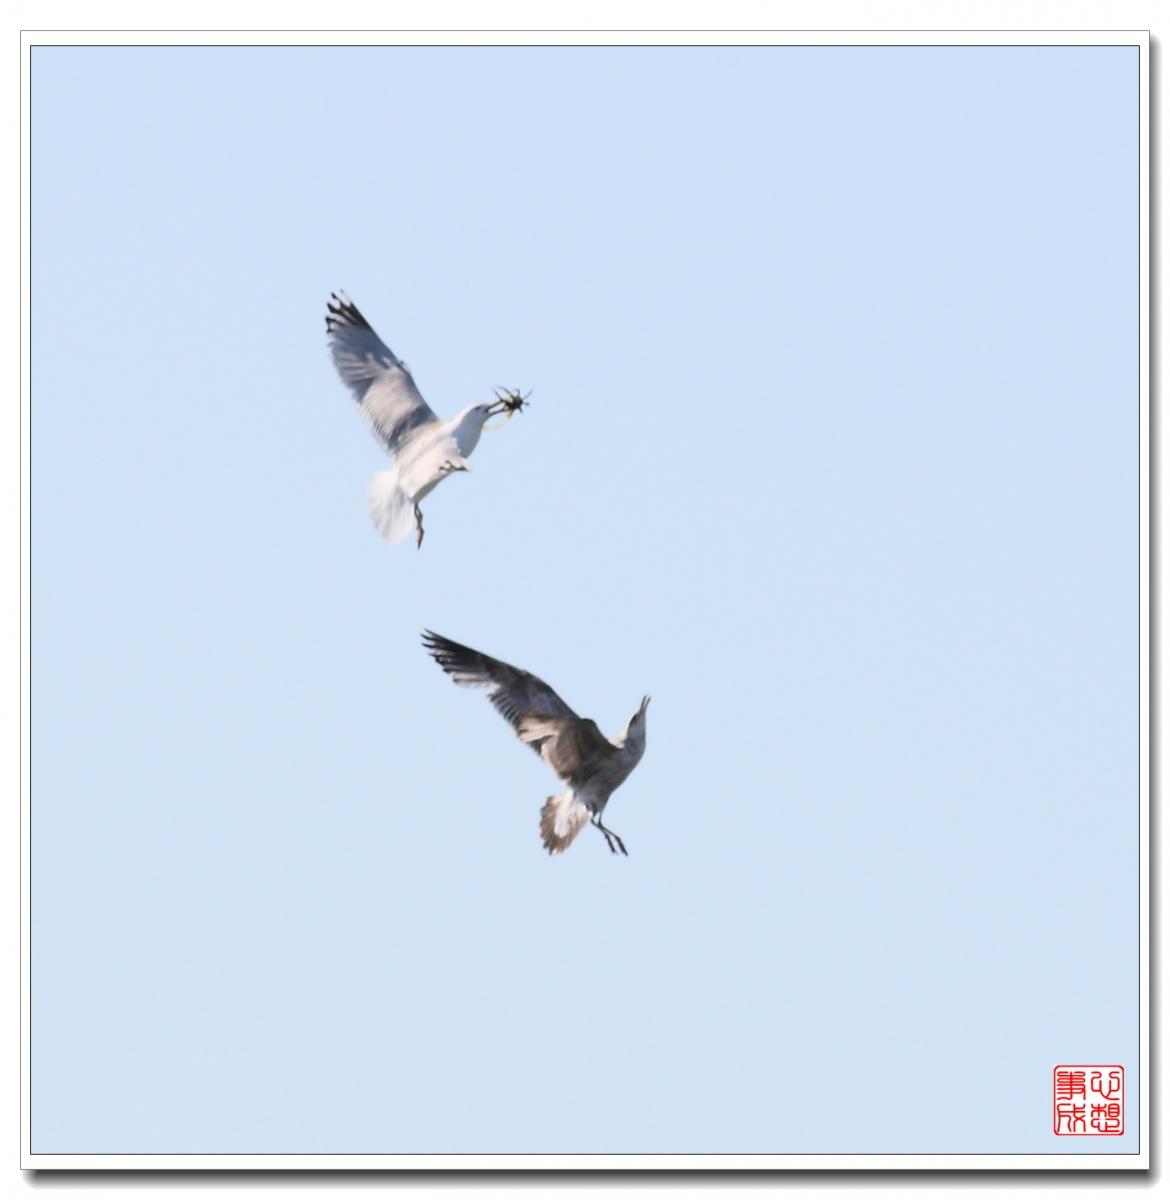 【心想事成】空中表演-海鸥_图1-16